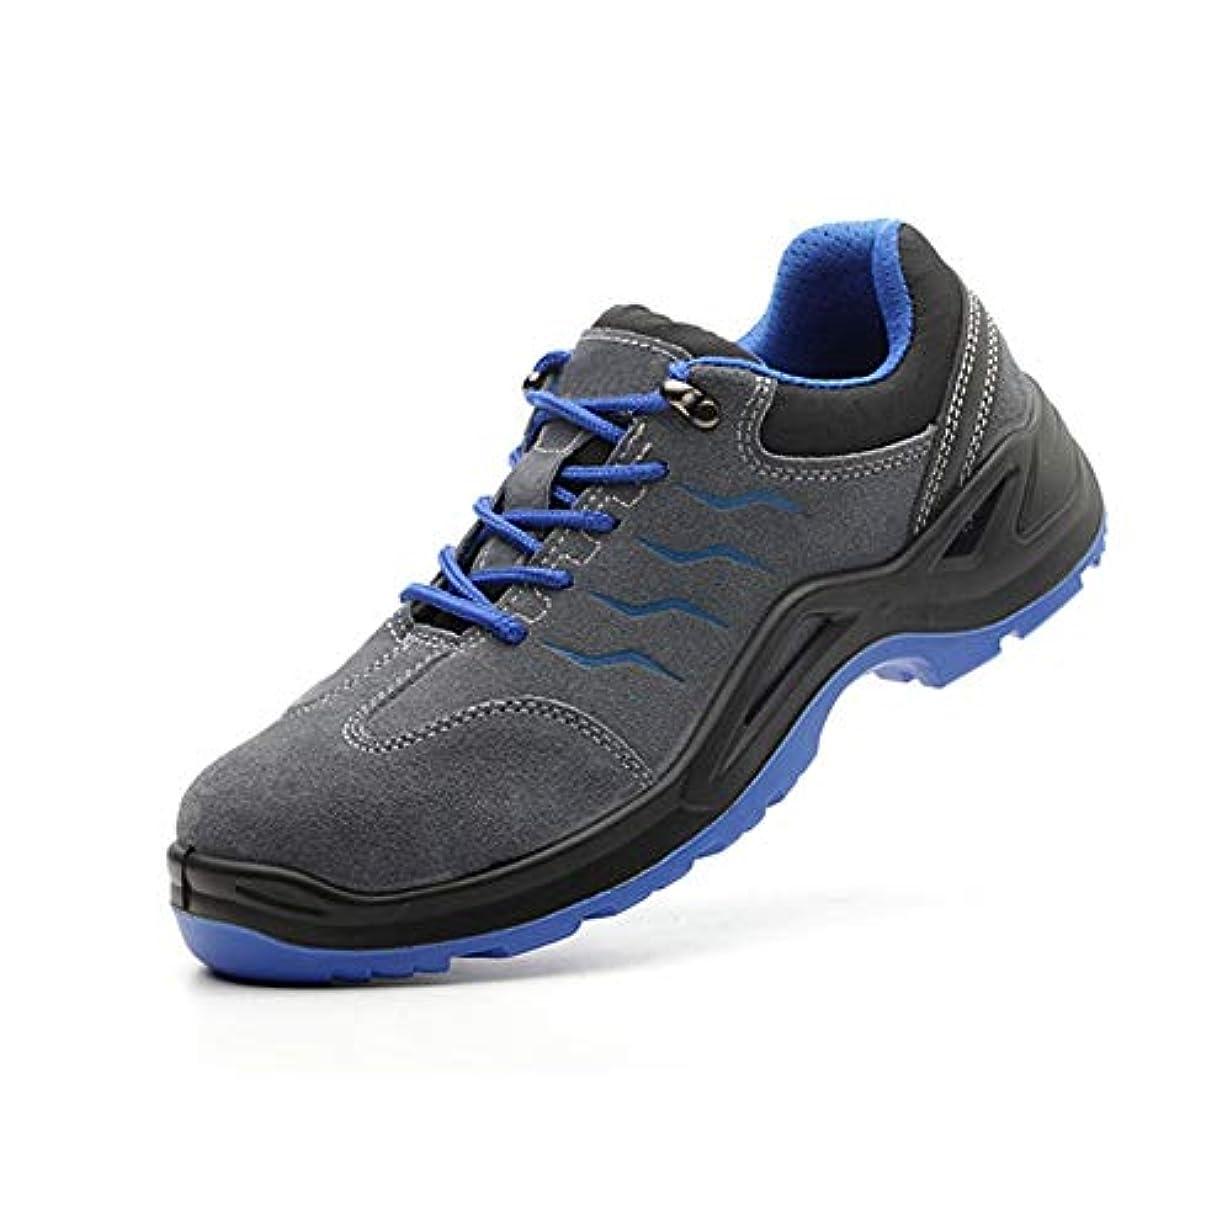 ピアノを弾くエイリアン愚か安全靴 作業靴 地下足袋 メンズ セーフティーシューズ ワークシューズ レディース 鋼先芯 JIS H級 耐磨耗 衝撃吸収 スニーカー 耐滑 通気 軽量 (Color : Gray, Size : 39)